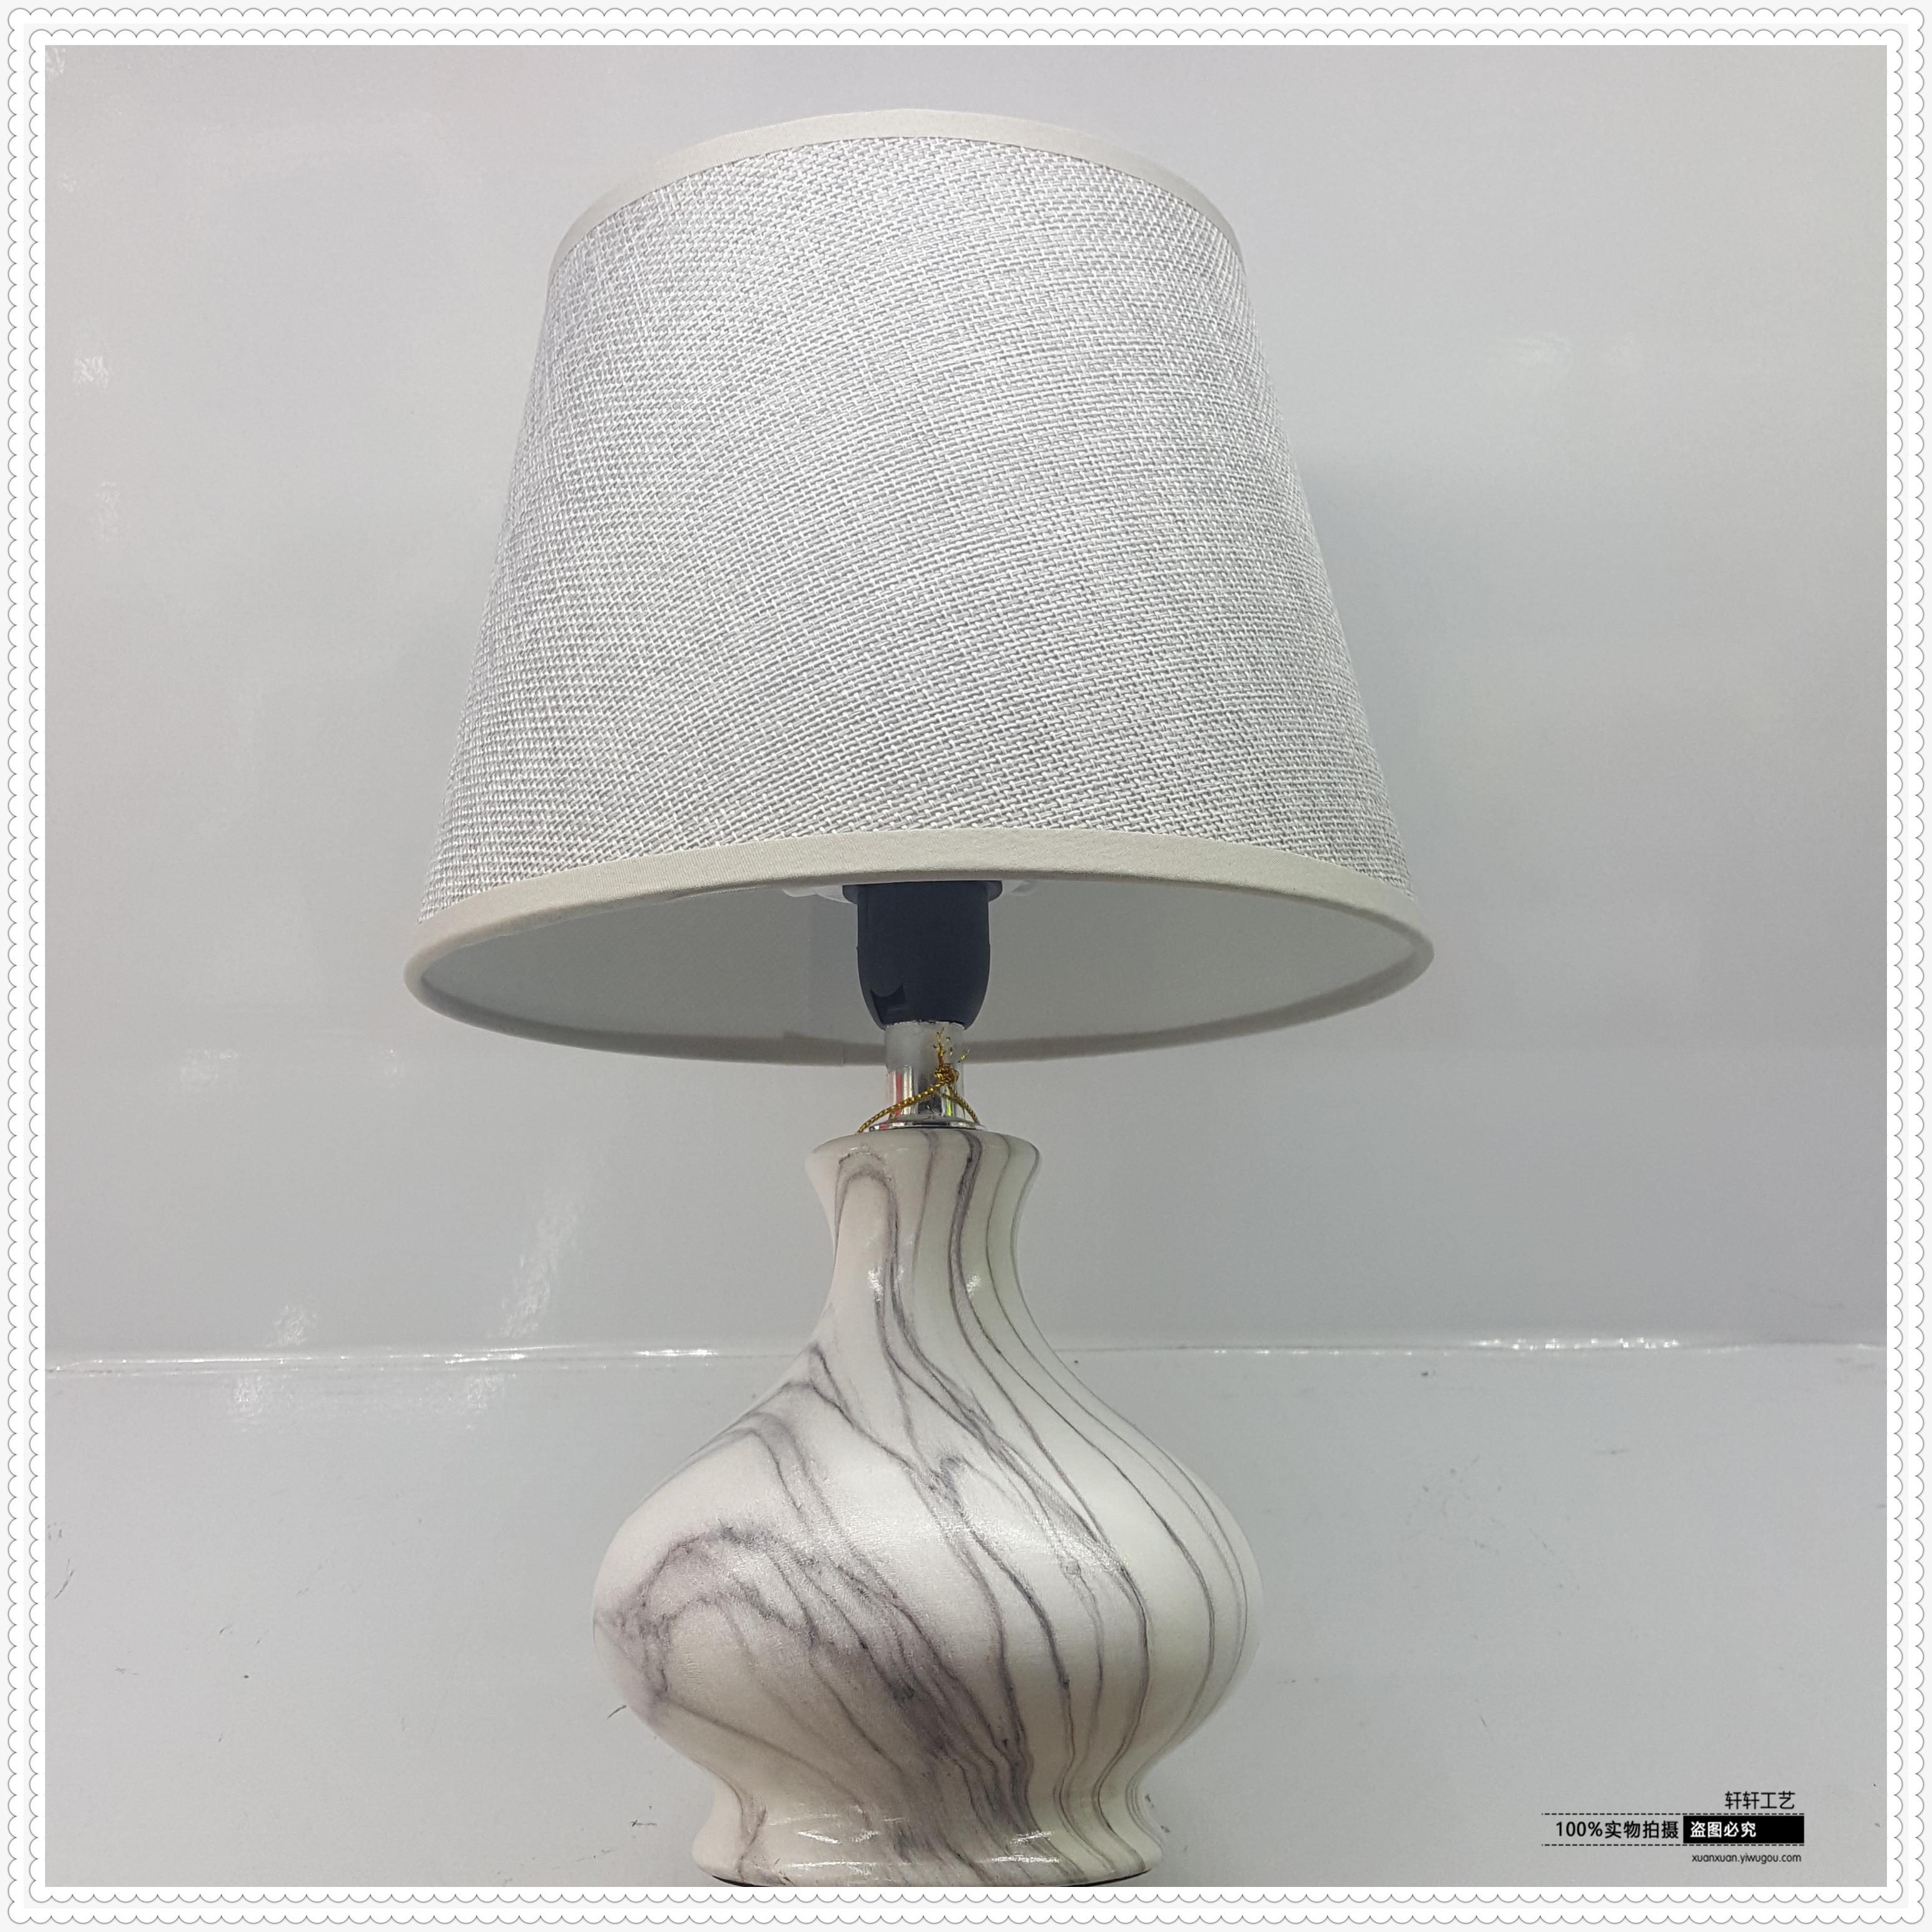 欧式台灯摆件 新房卧室装饰品创意客厅书房复古陶瓷灯饰